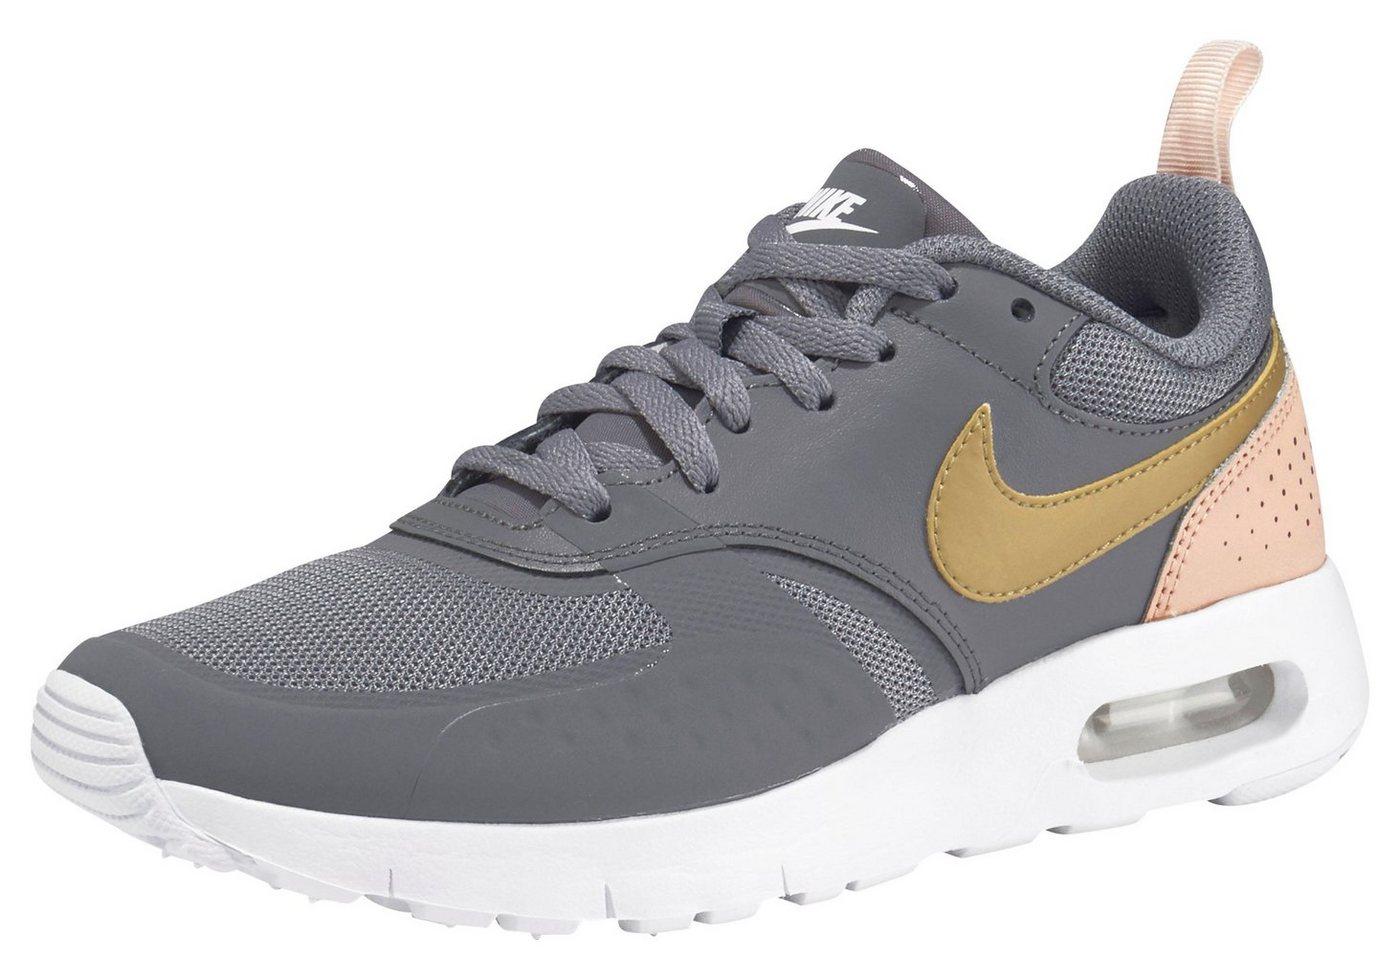 Damen Nike Sportswear Air Max Vision (gs) Sneaker grau   00886668351582